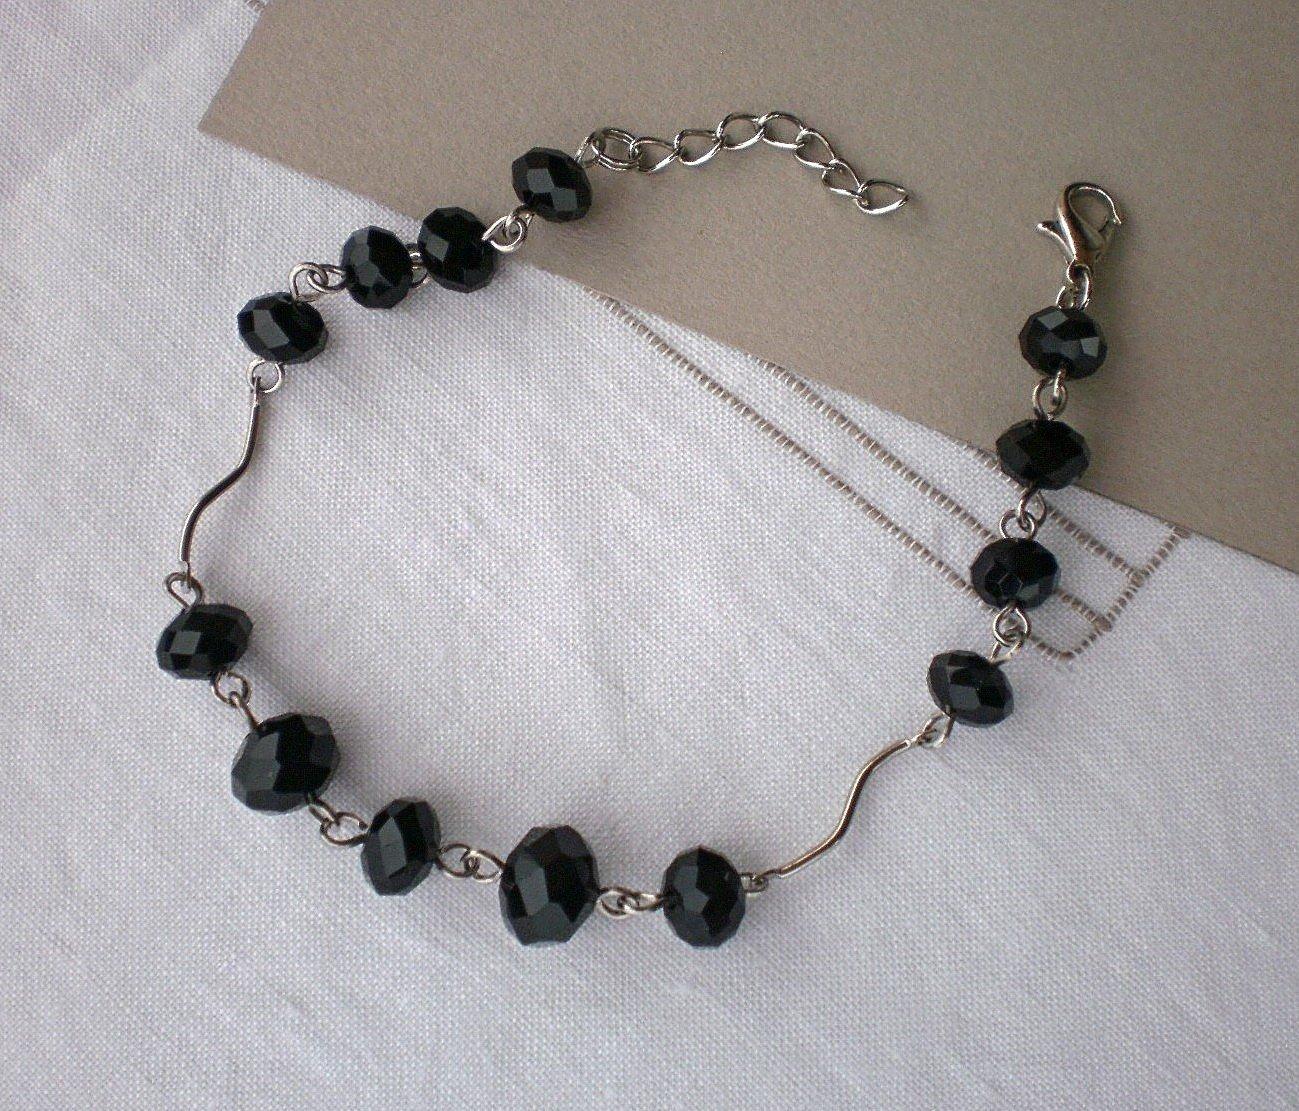 Black Jet Faceted Crystal Beaded Bracelet Handcrafted Designer Jewelry Black Crystal Beaded Jewelry